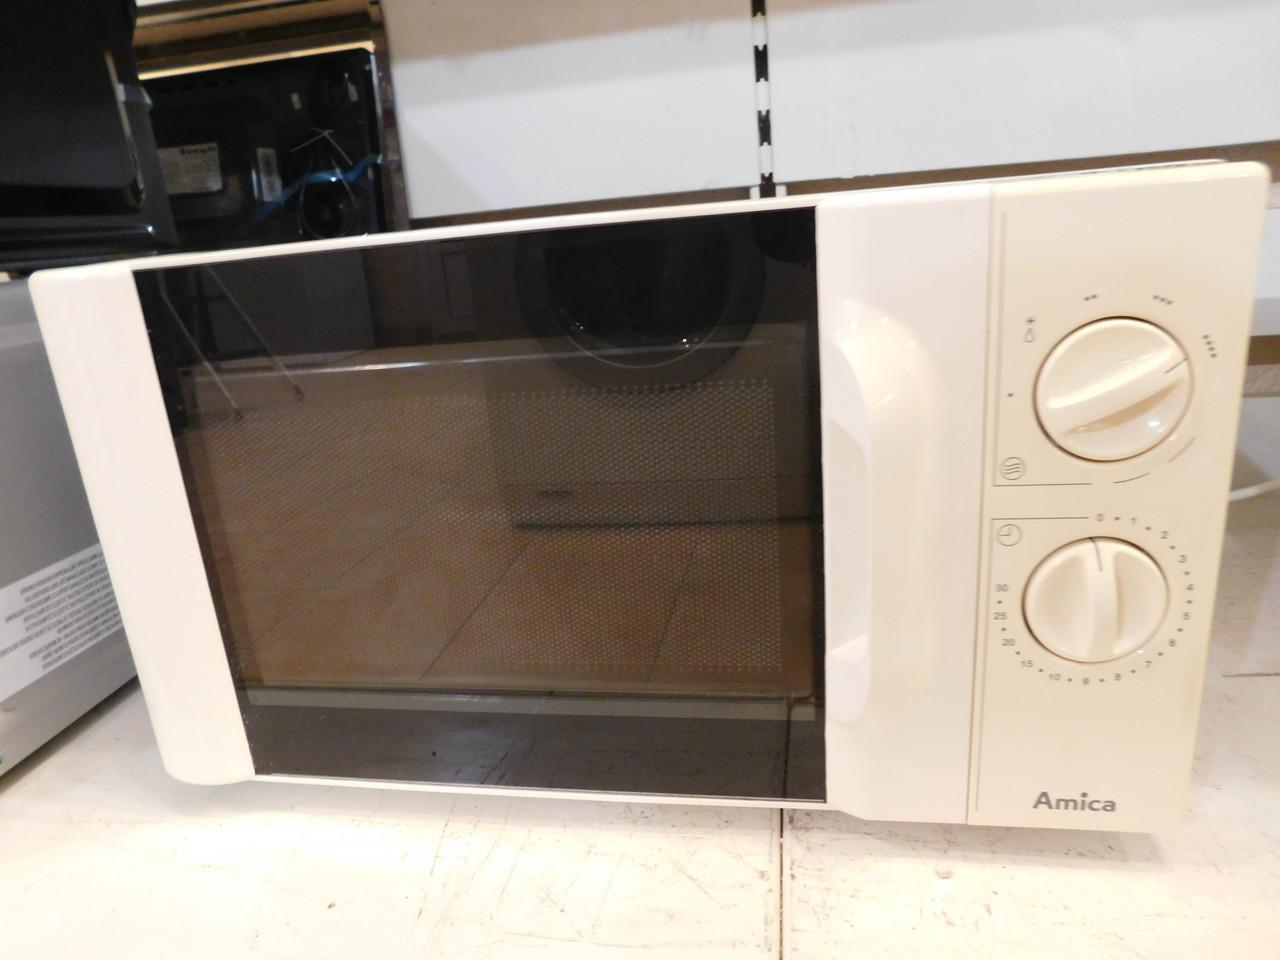 Микроволновая печь Amica, б/у из Германии